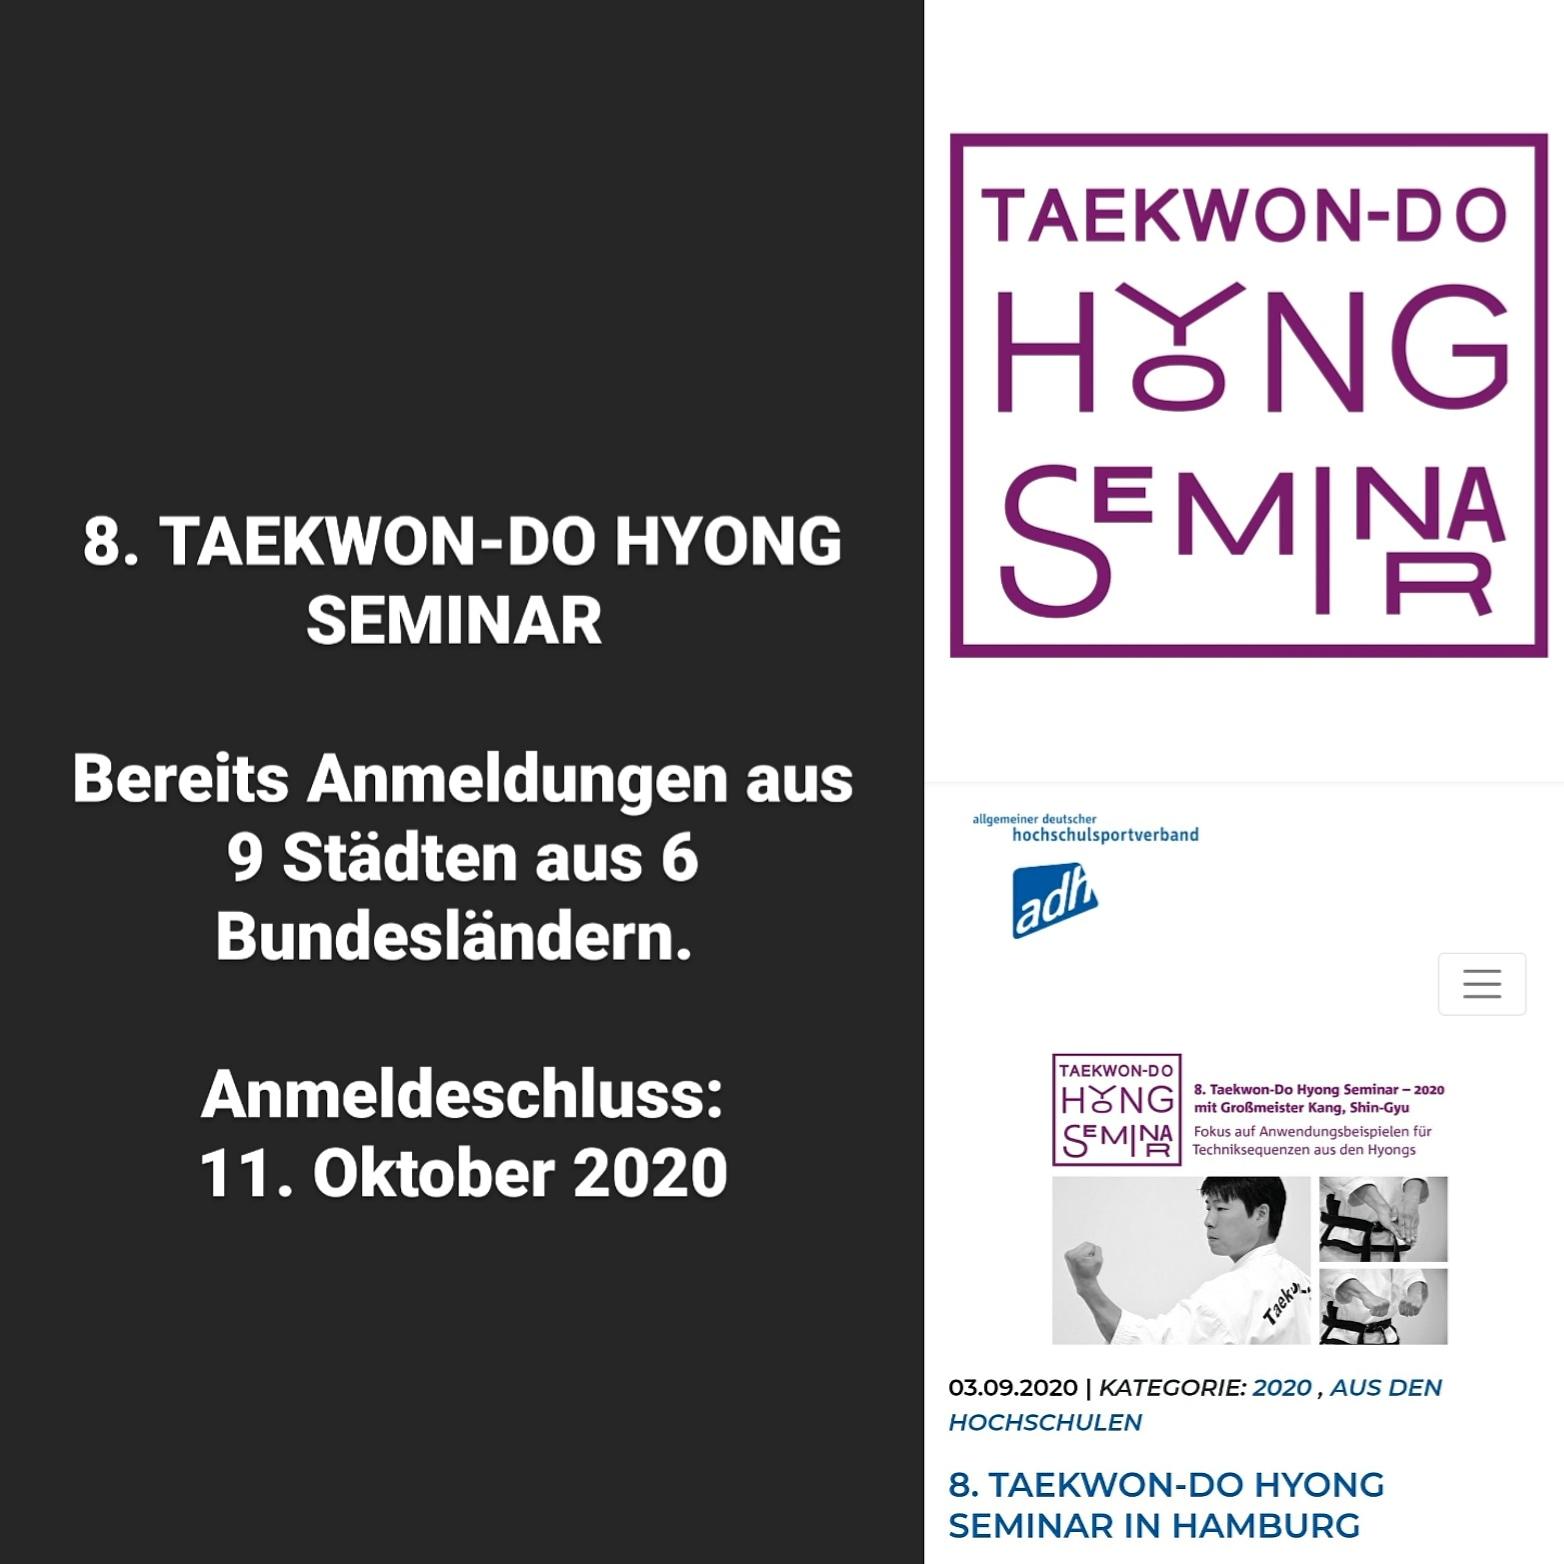 Anmeldung läuft noch bis 11. Oktober